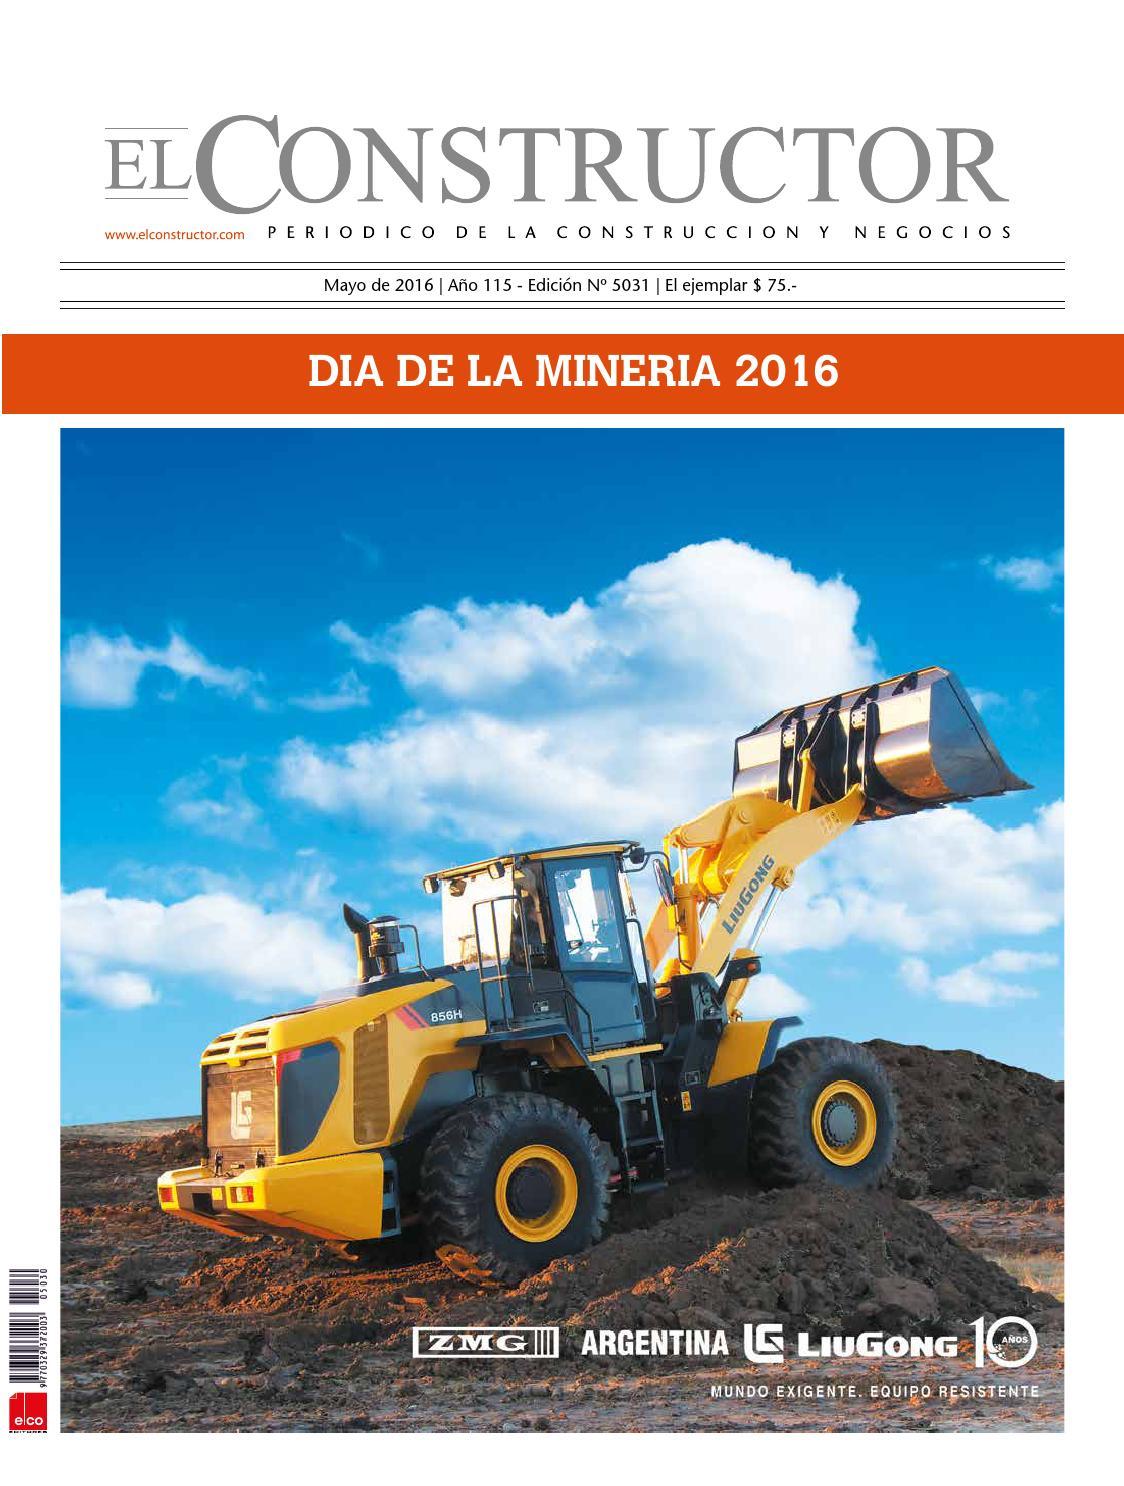 El Constructor Especial Día de la Mineria by ELCO Editores - issuu